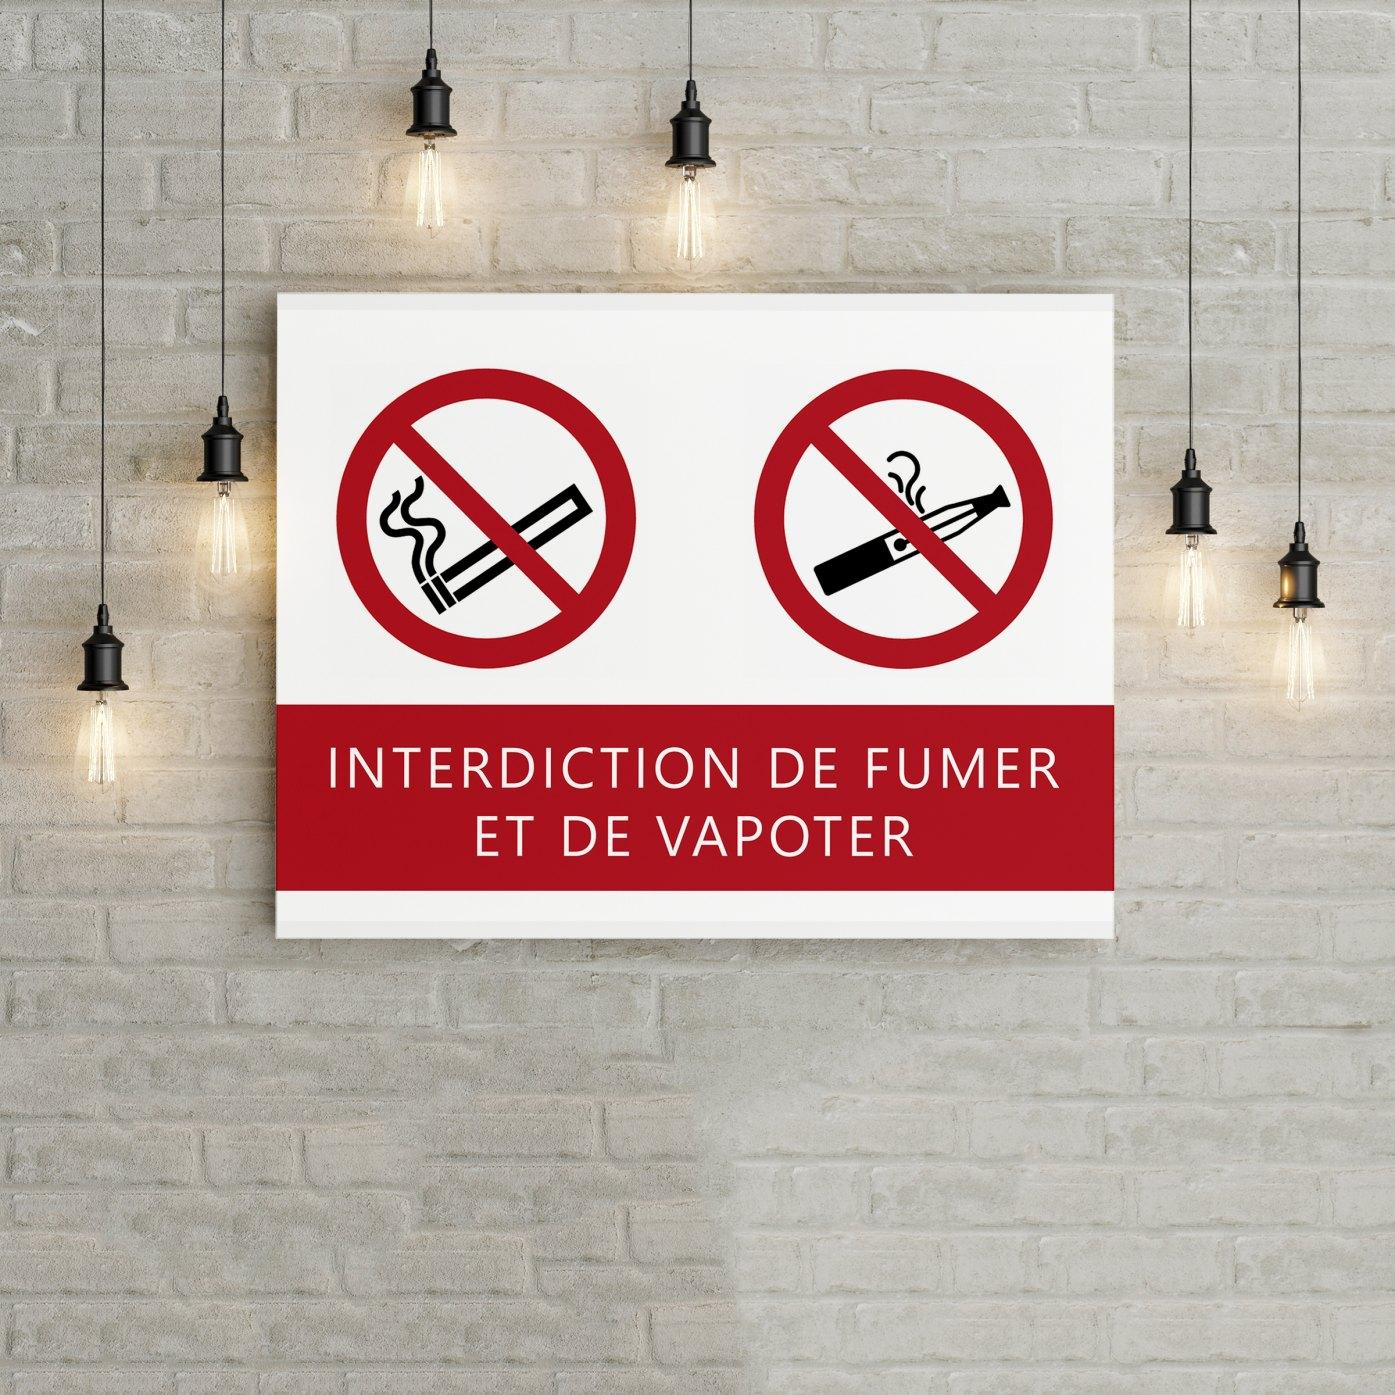 Pictogrammes Interdiction De Fumer Et Vapoter